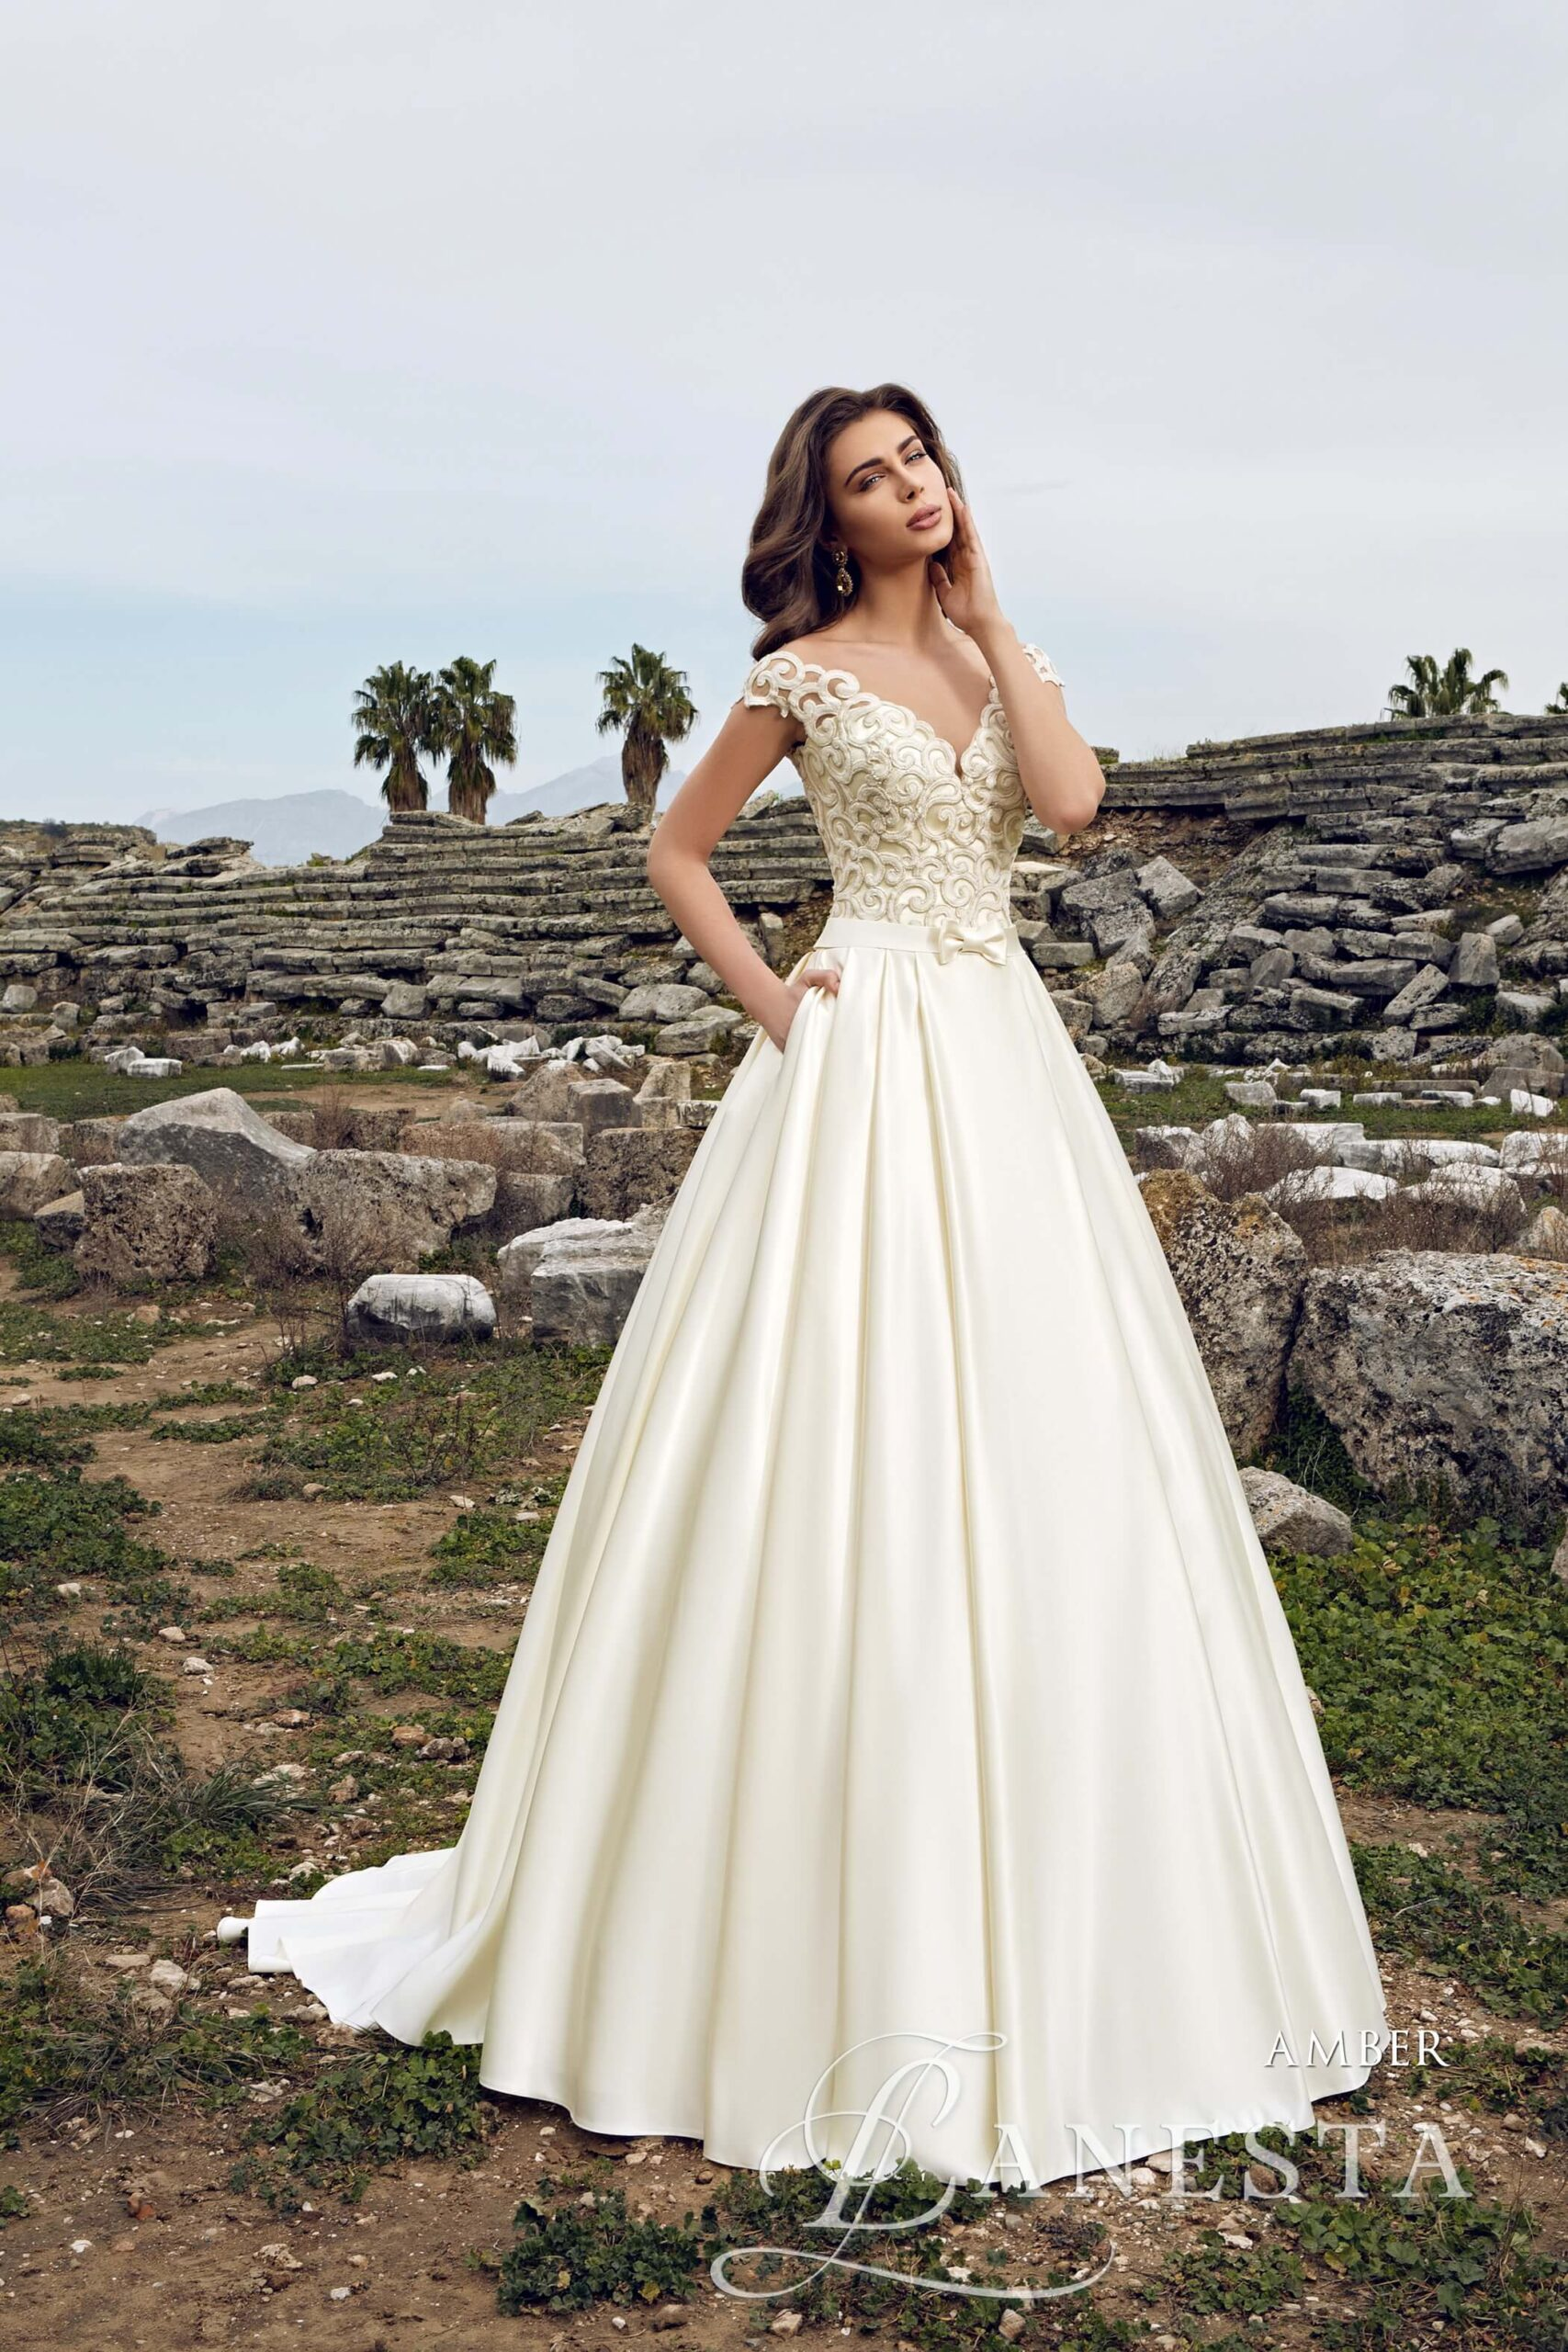 Свадебное платье Amber Lanesta